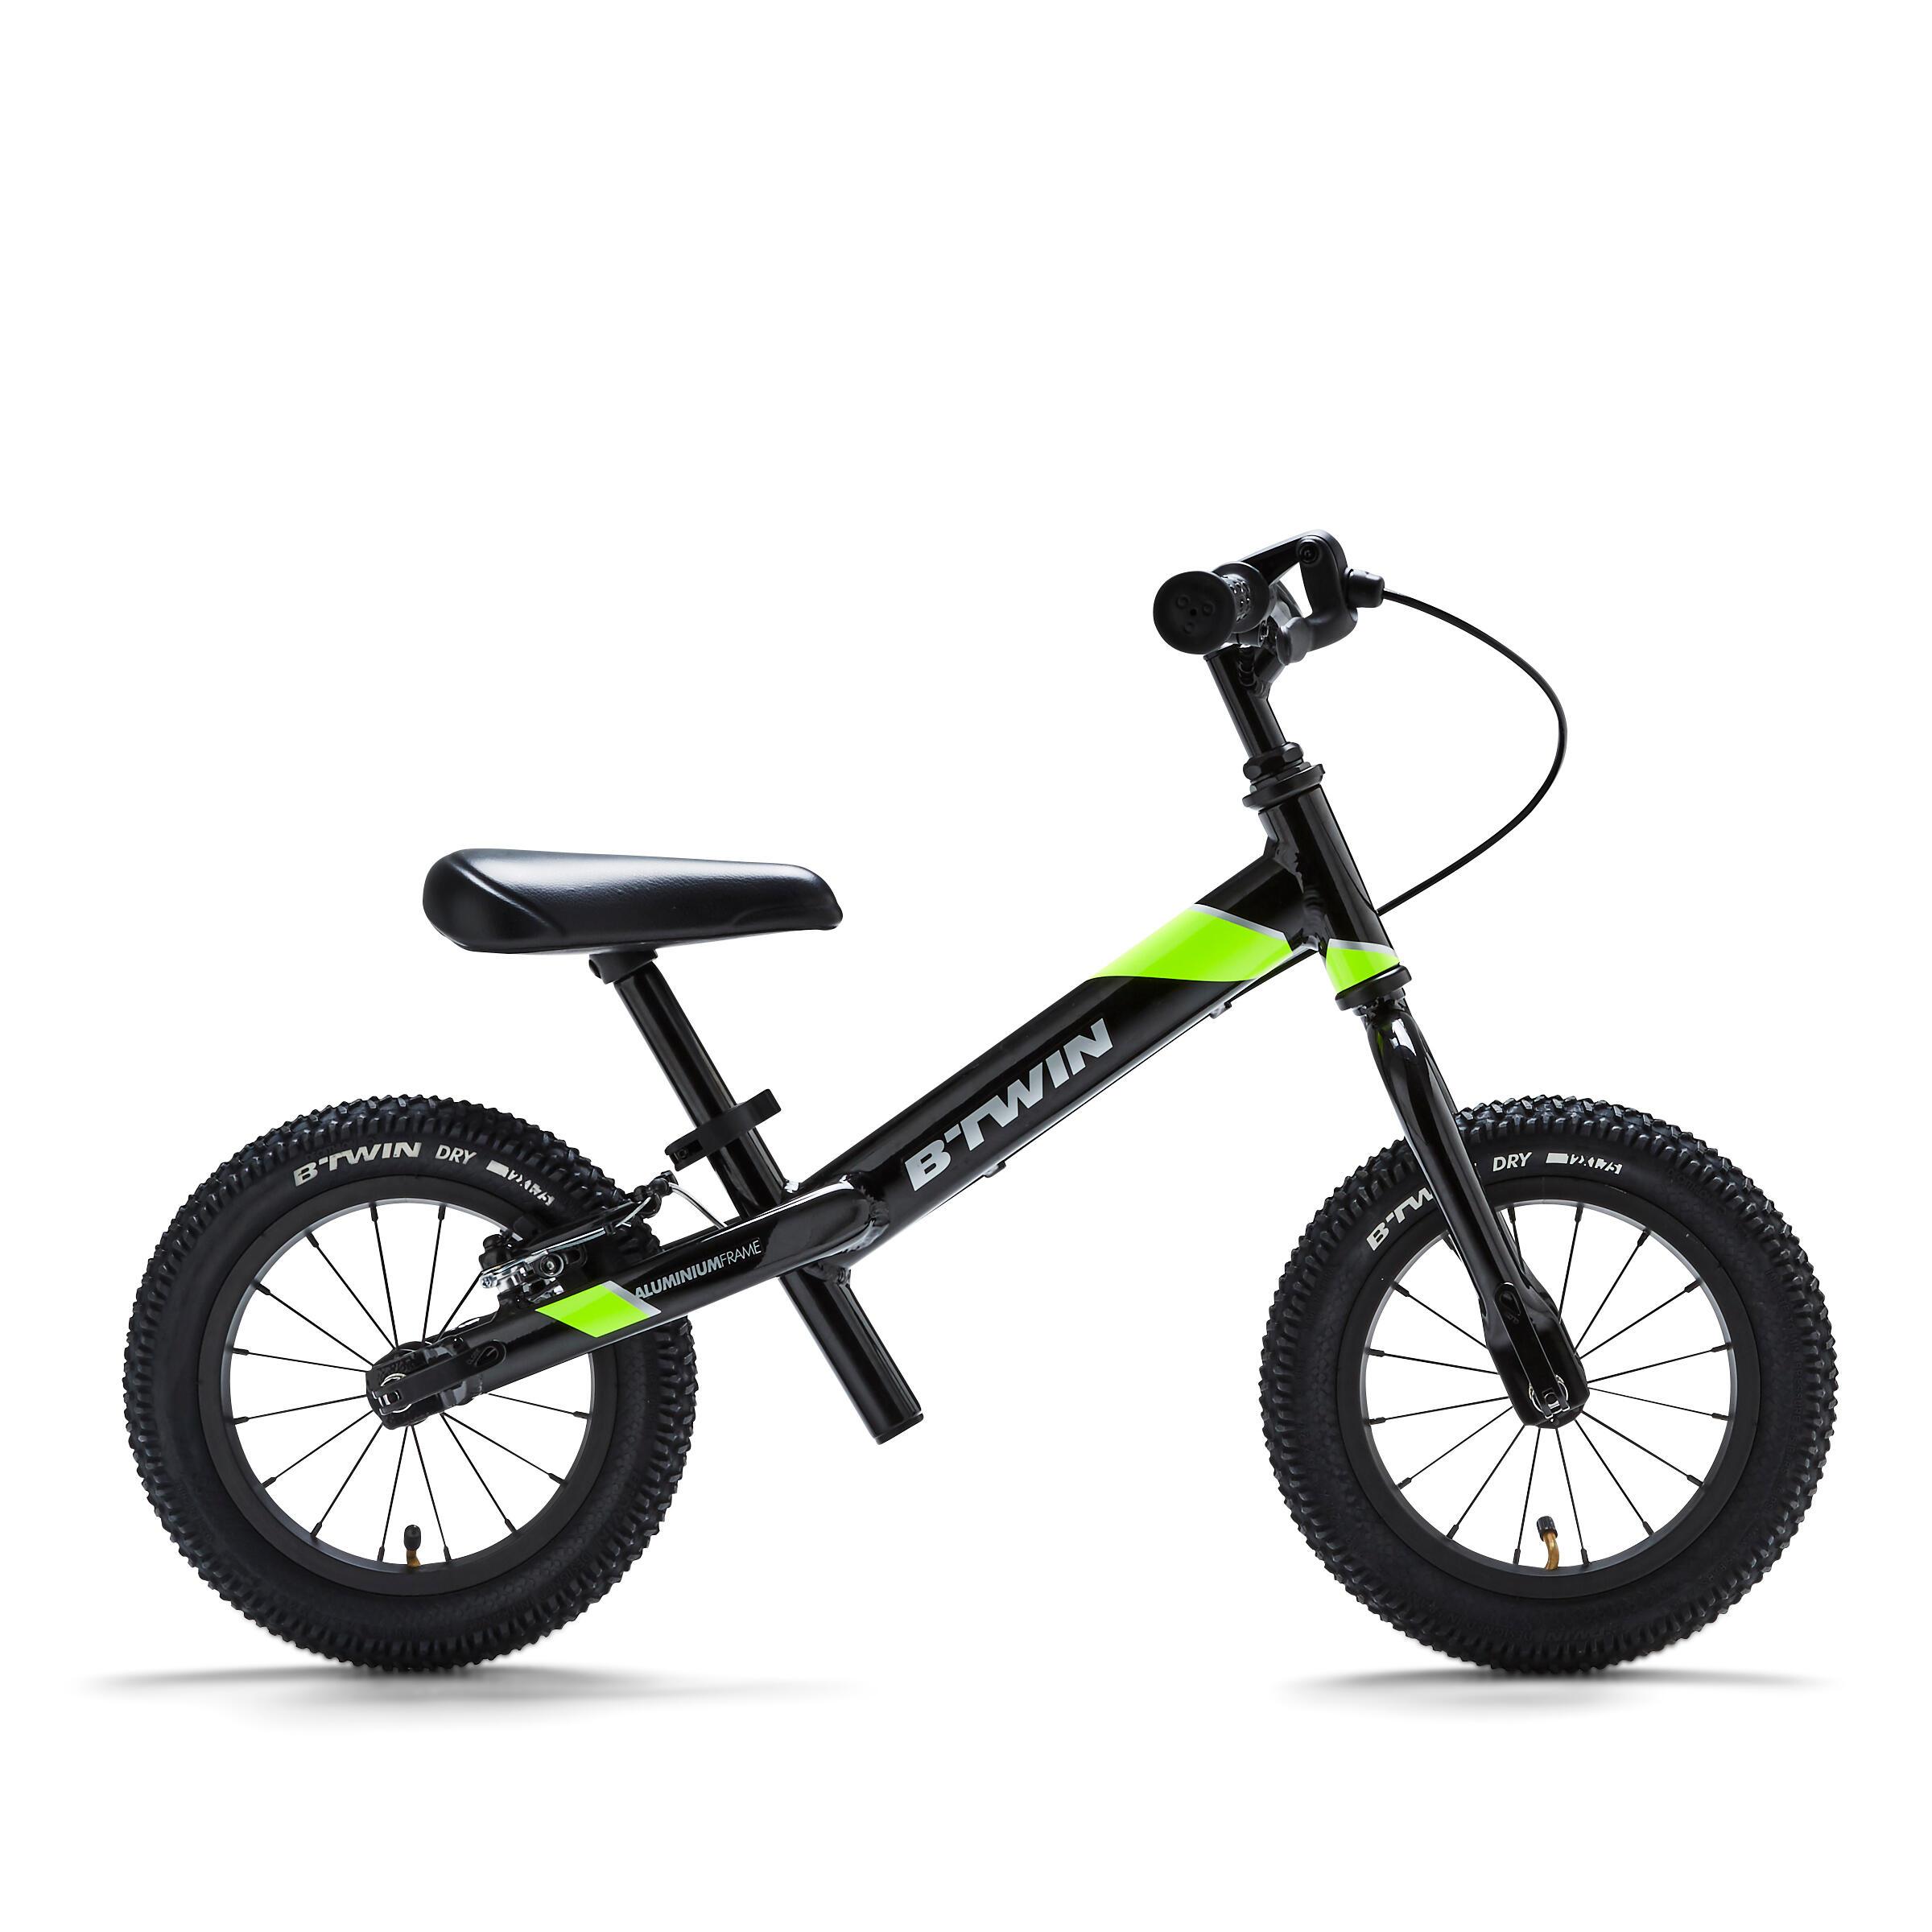 btwin bici senza pedali bambino runride 900 mtb nero-giallo 12